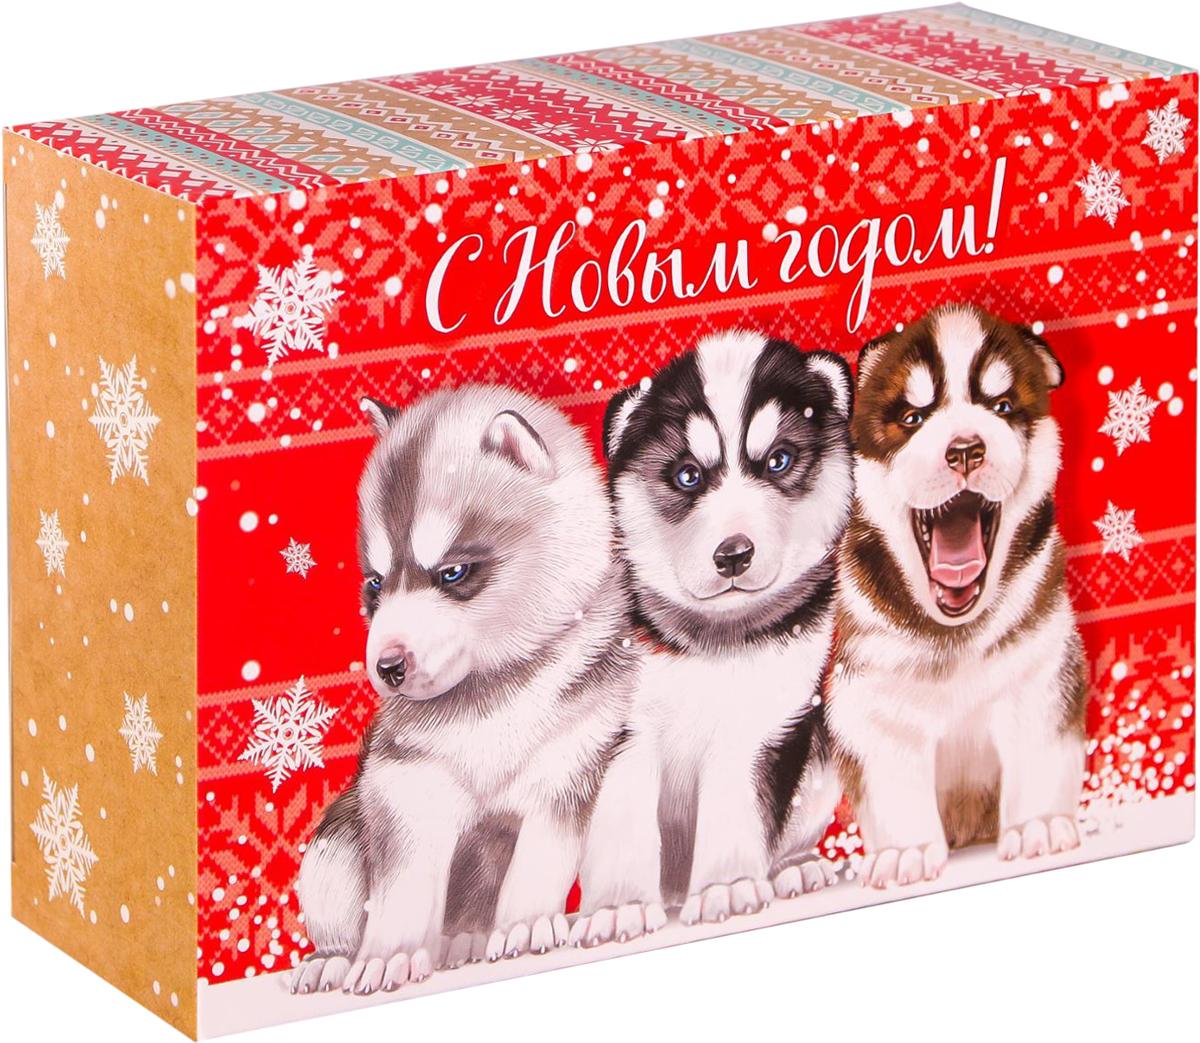 Коробка складная Дарите счастье Новогодние щенки, 16 х 23 х 7,5 см2450828Любой подарок начинается с упаковки. Что может быть трогательнее и волшебнее, чем ритуал разворачивания полученного презента. И именно оригинальная, со вкусом выбранная упаковка выделит ваш подарок из массы других. Она продемонстрирует самые теплые чувства к виновнику торжества и создаст сказочную атмосферу праздника.